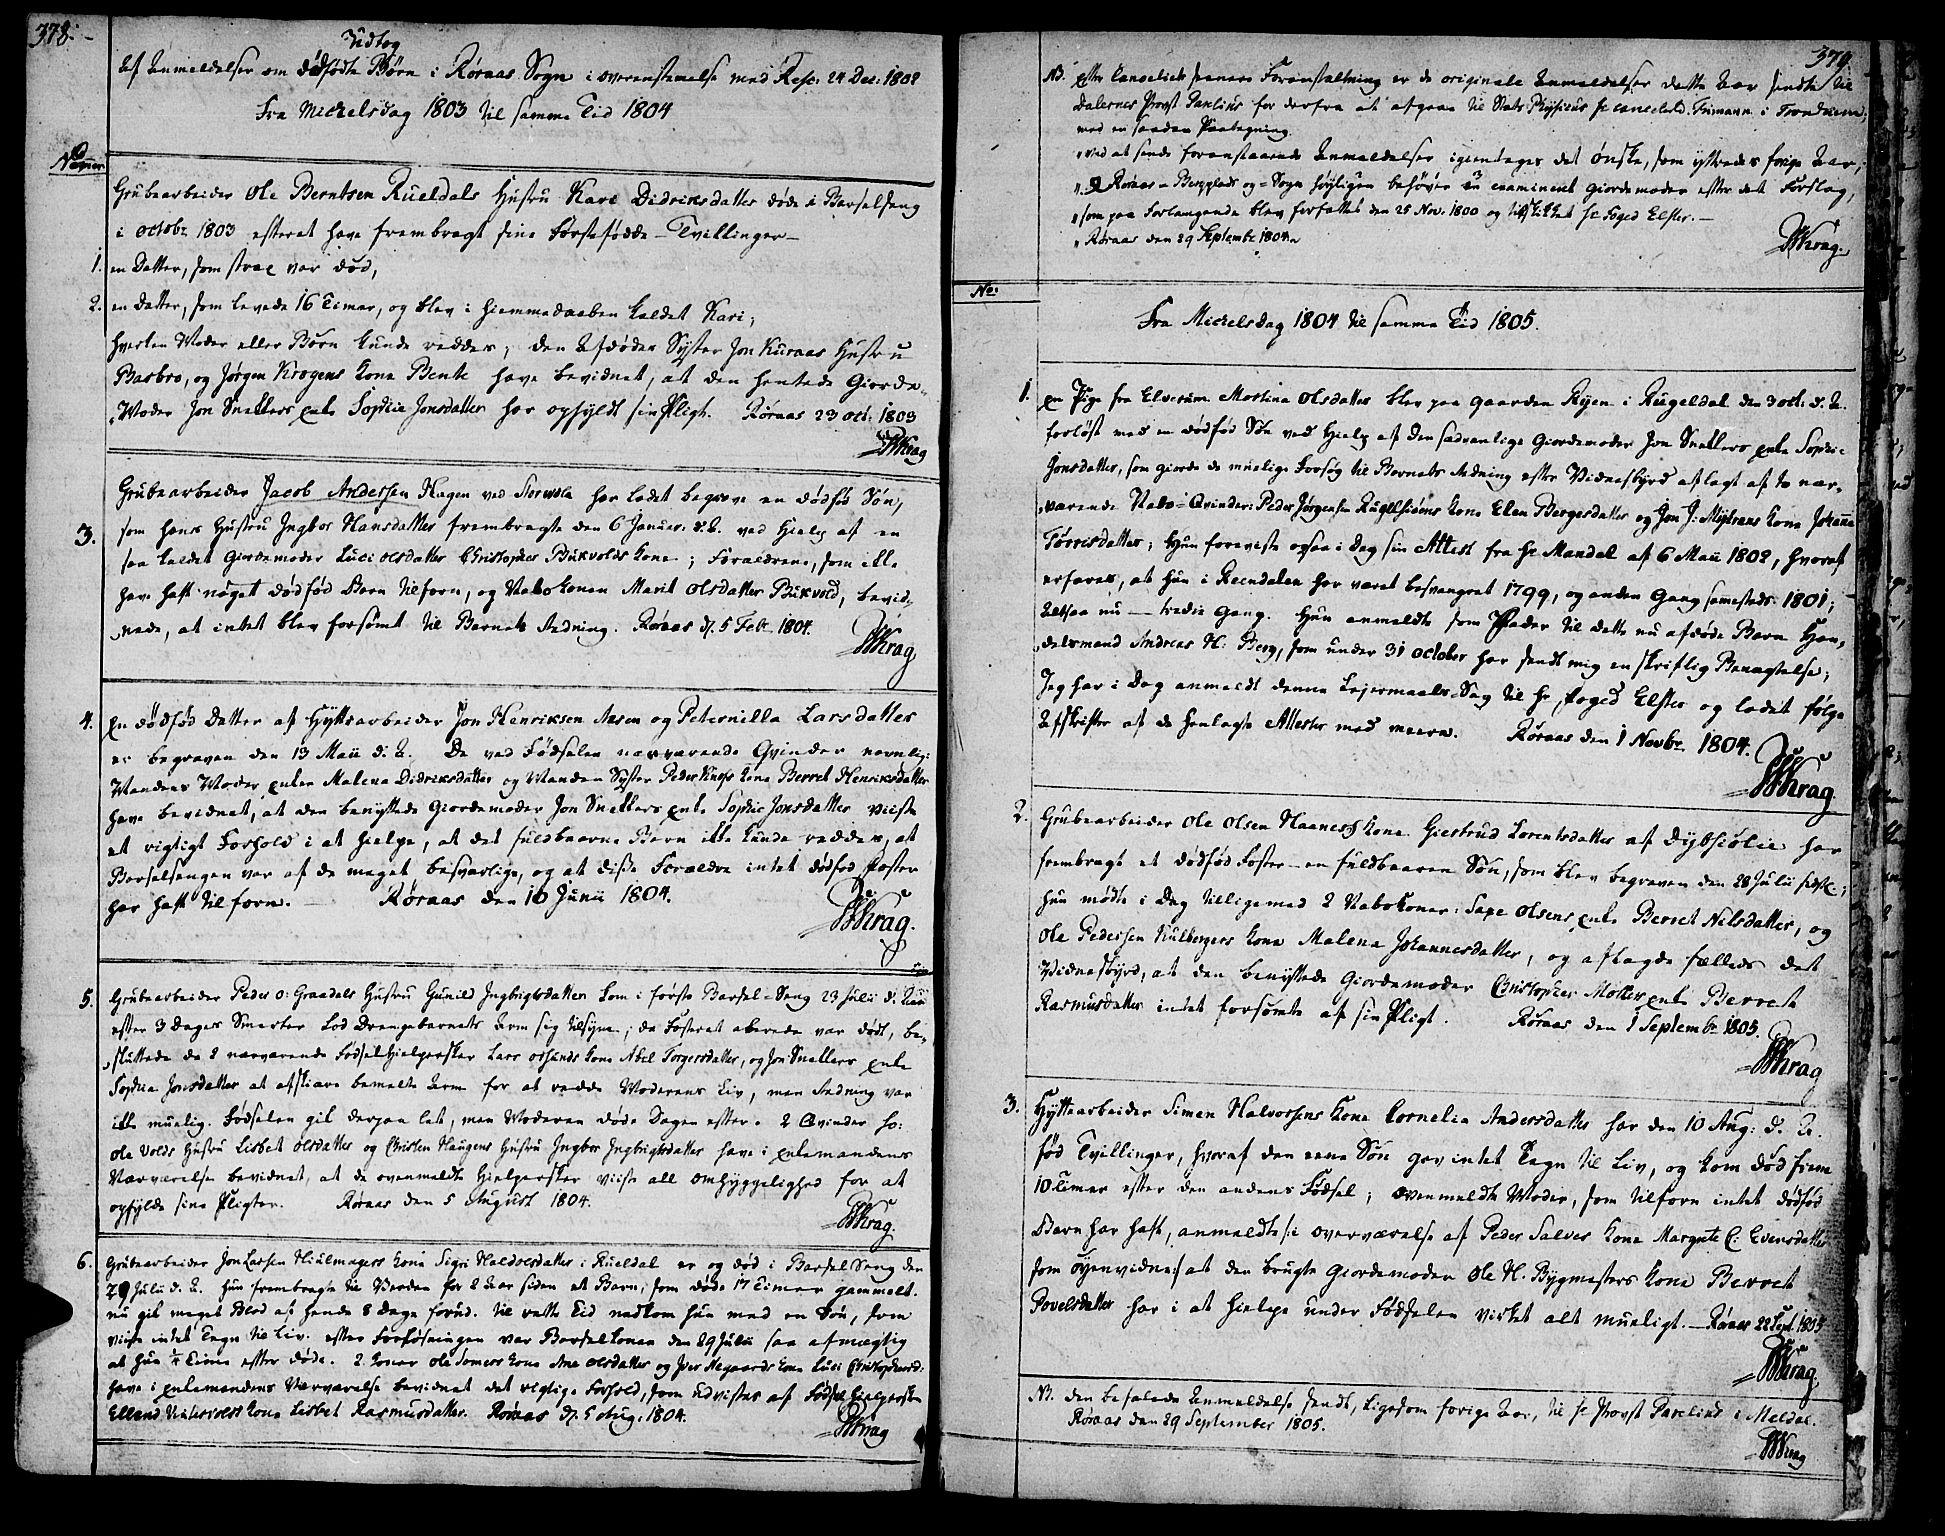 SAT, Ministerialprotokoller, klokkerbøker og fødselsregistre - Sør-Trøndelag, 681/L0927: Ministerialbok nr. 681A05, 1798-1808, s. 378-379